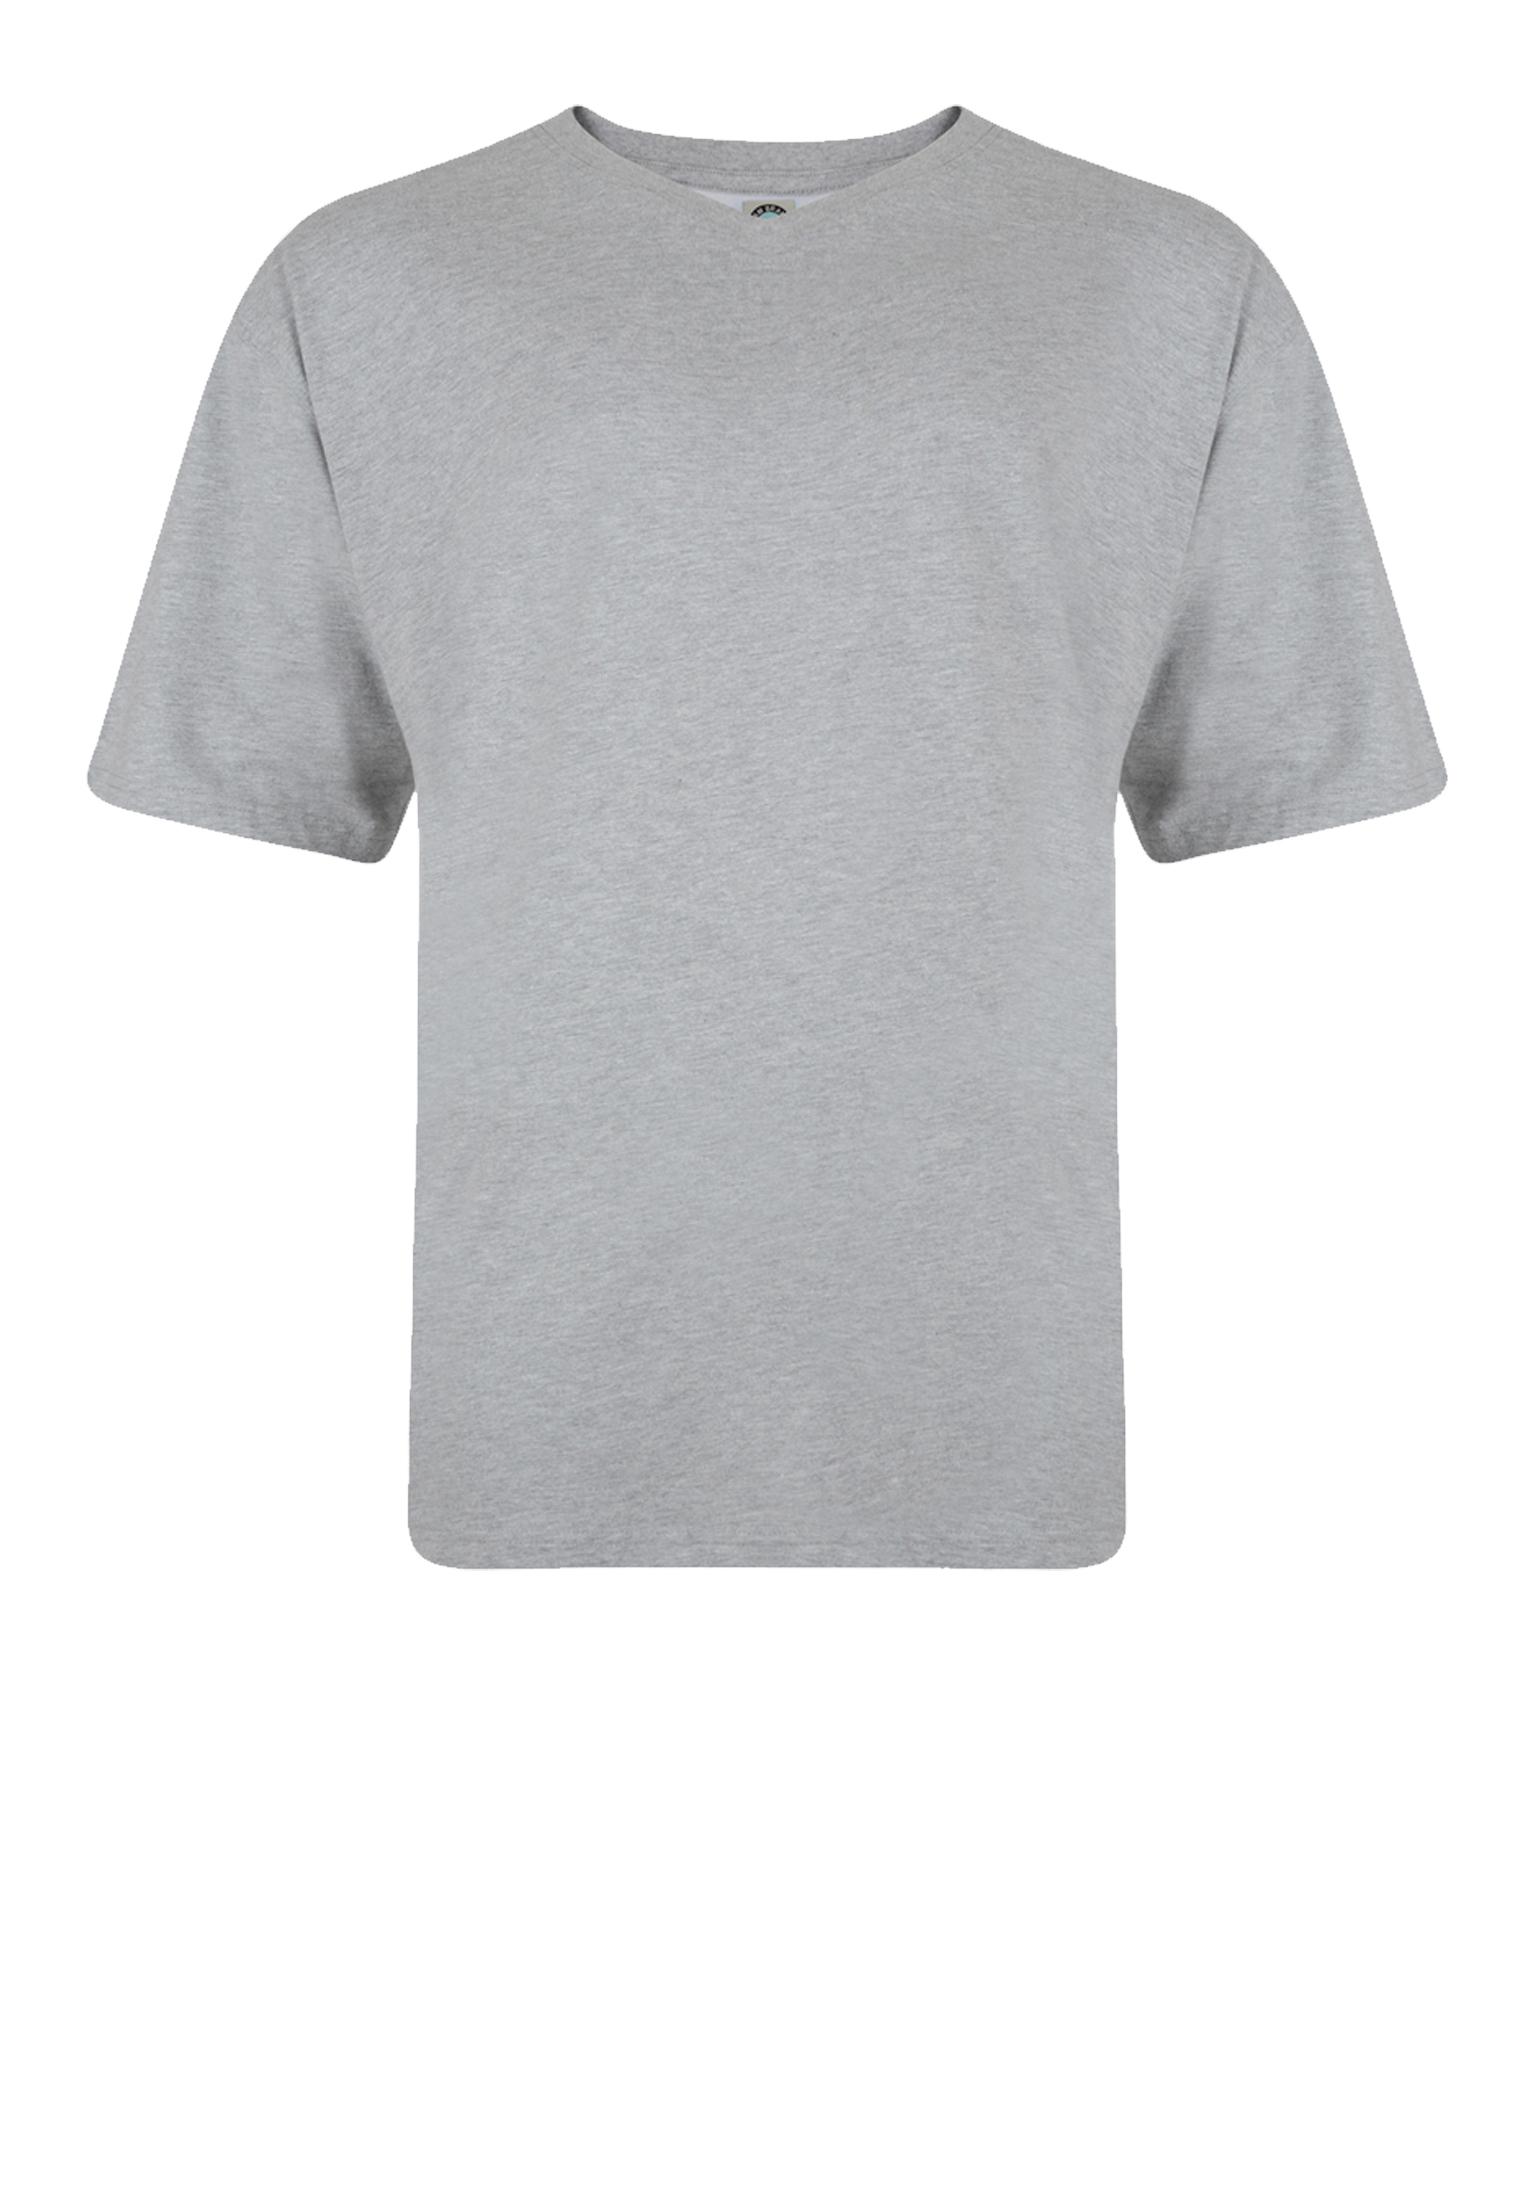 T-shirts van KAM JEANSWEAR met V hals in de kleur grijs. Gemaakt van zacht katoen voor optimaal draagcomfort.